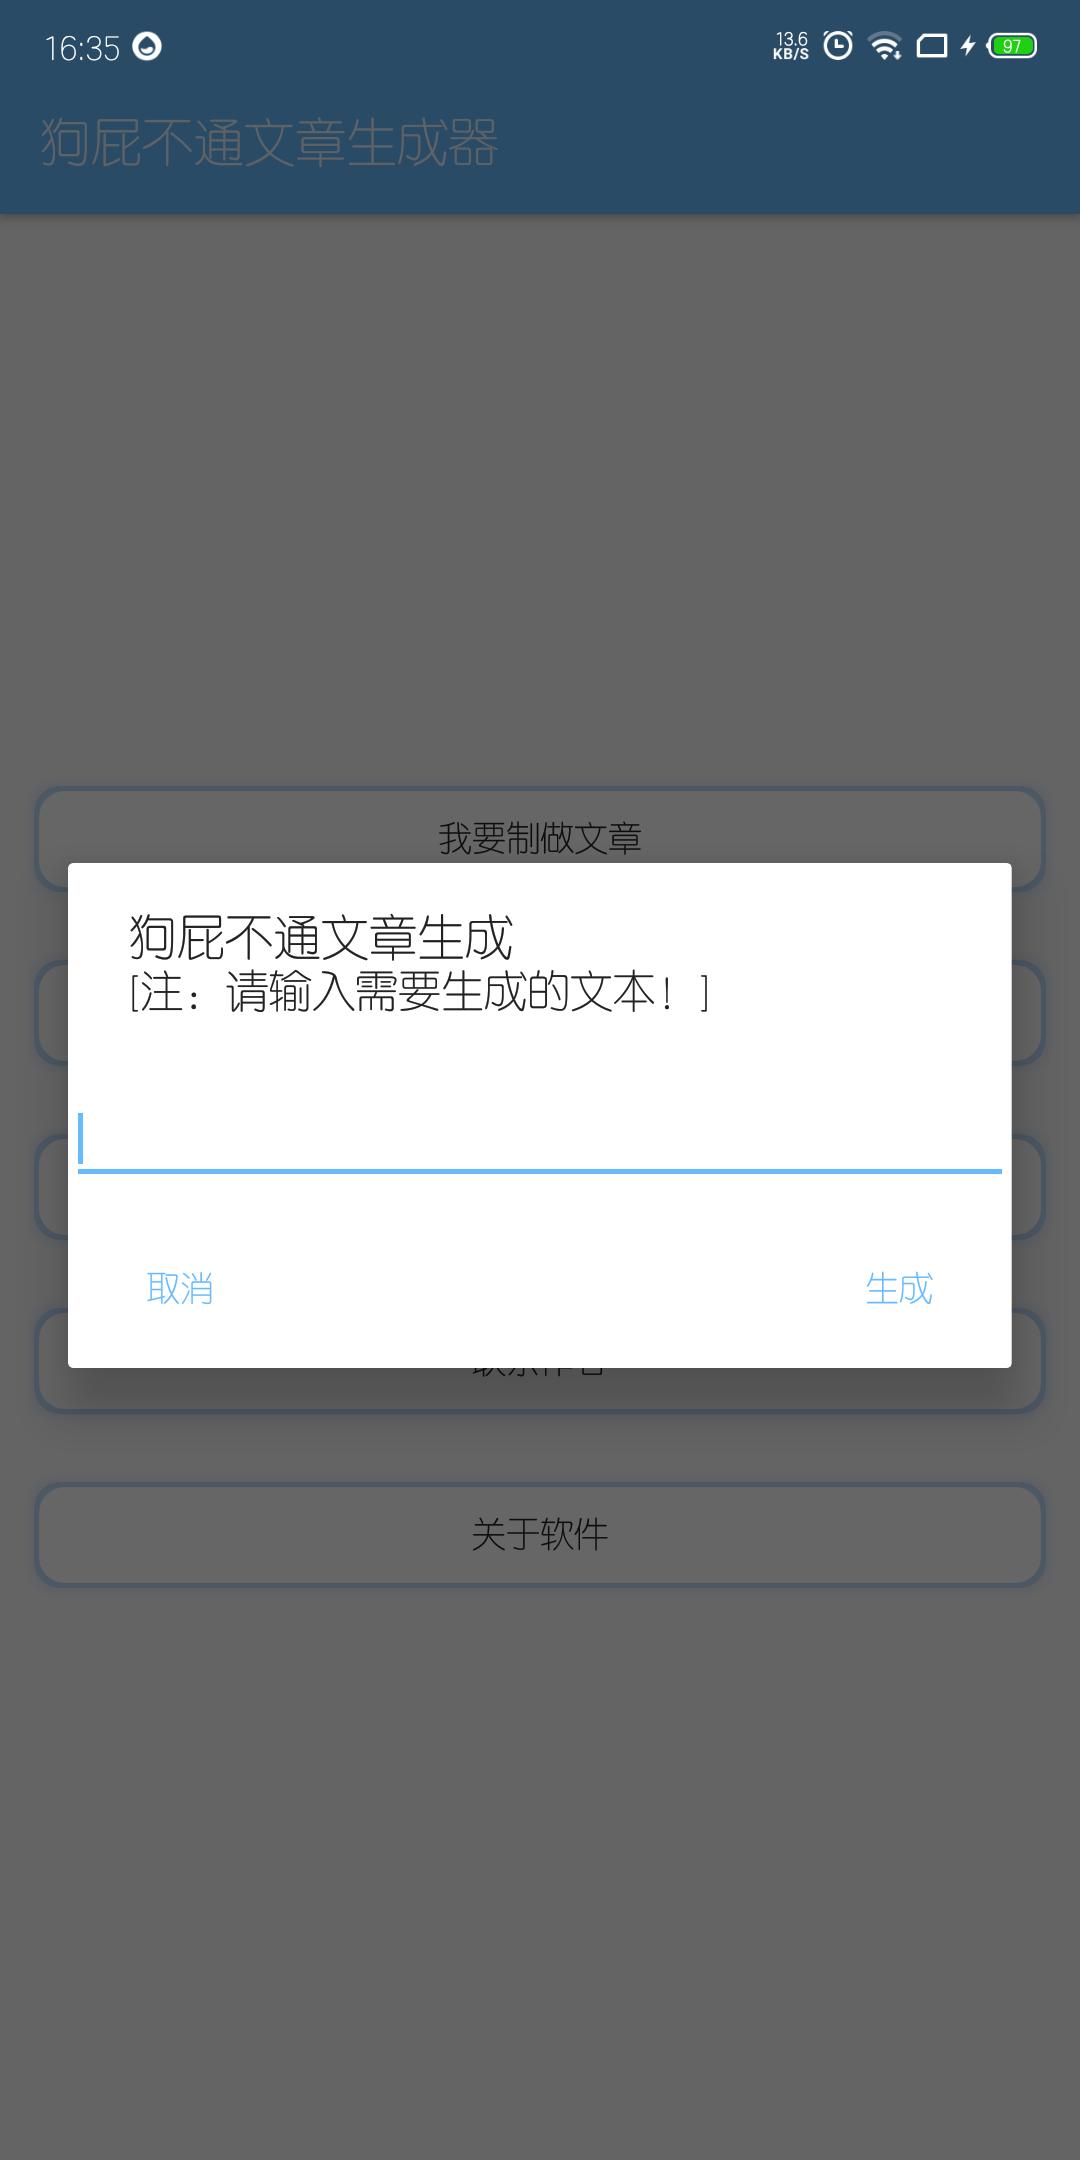 【原创】狗屁不通文章生成器-爱小助